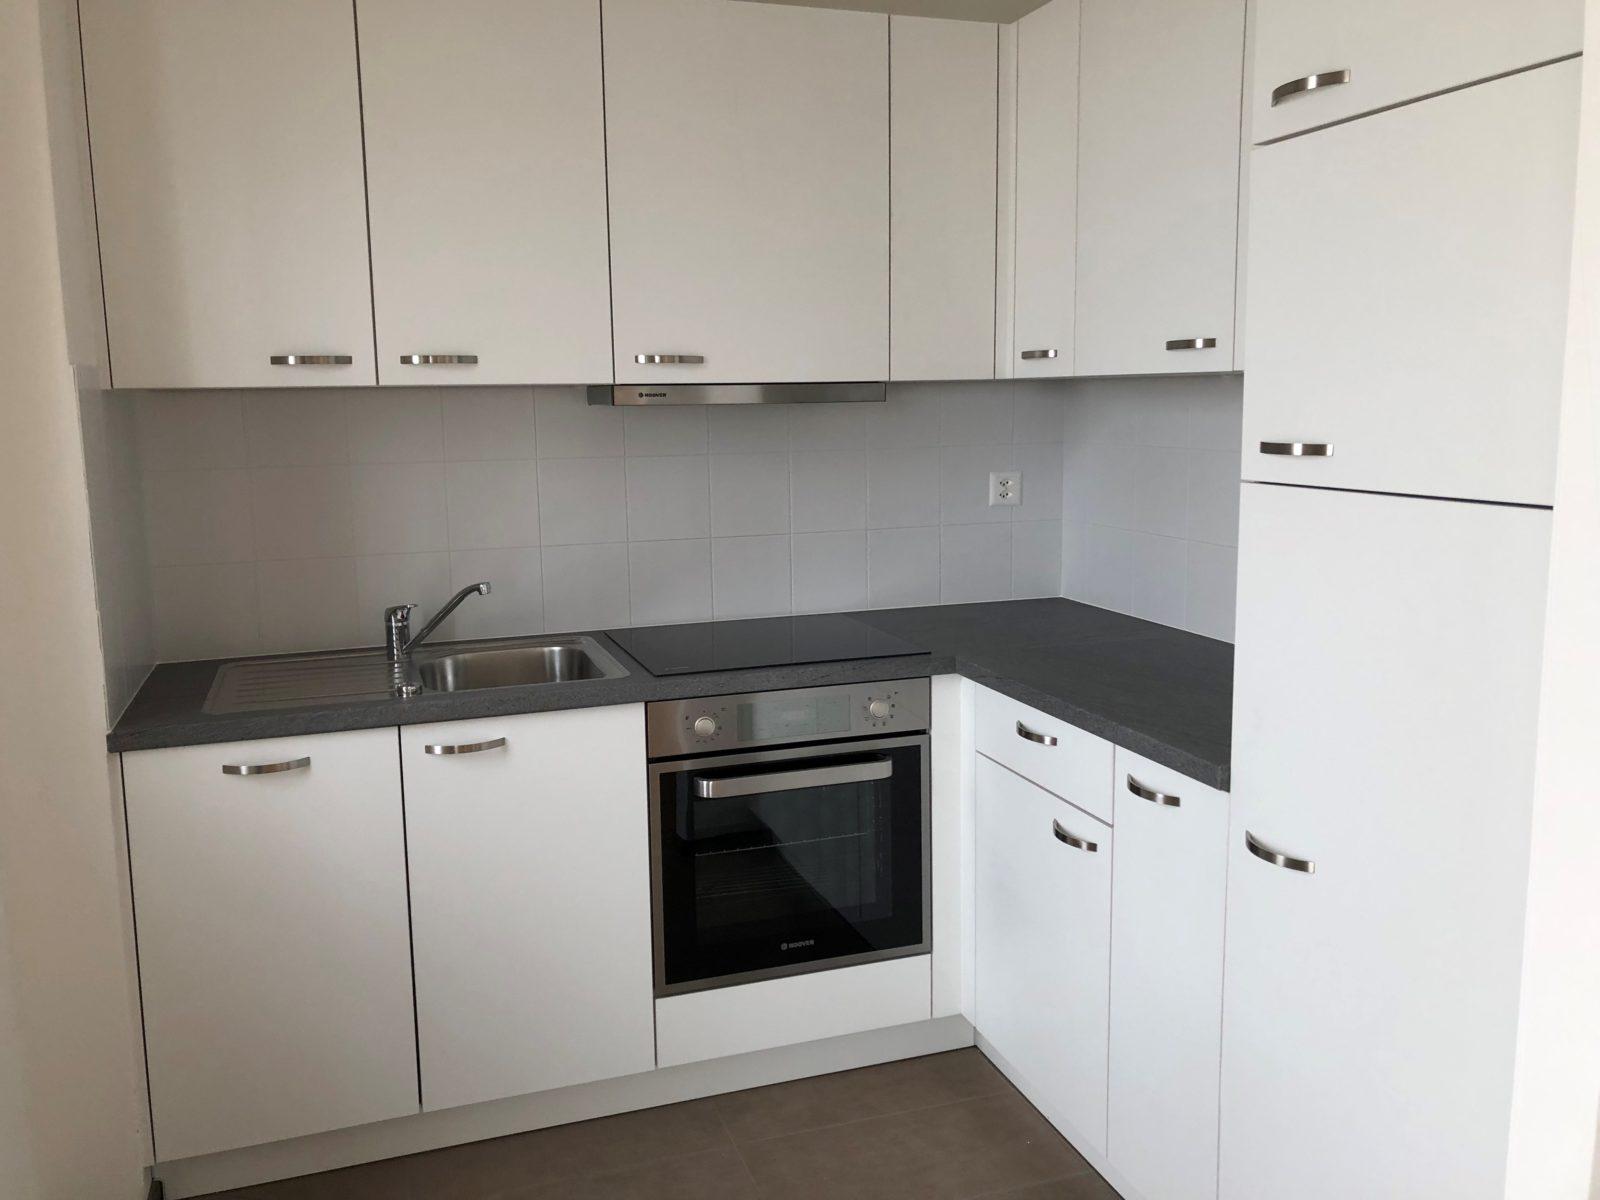 Affitto appartamento - Mendrisio - Via Beroldingen 24 -cucina